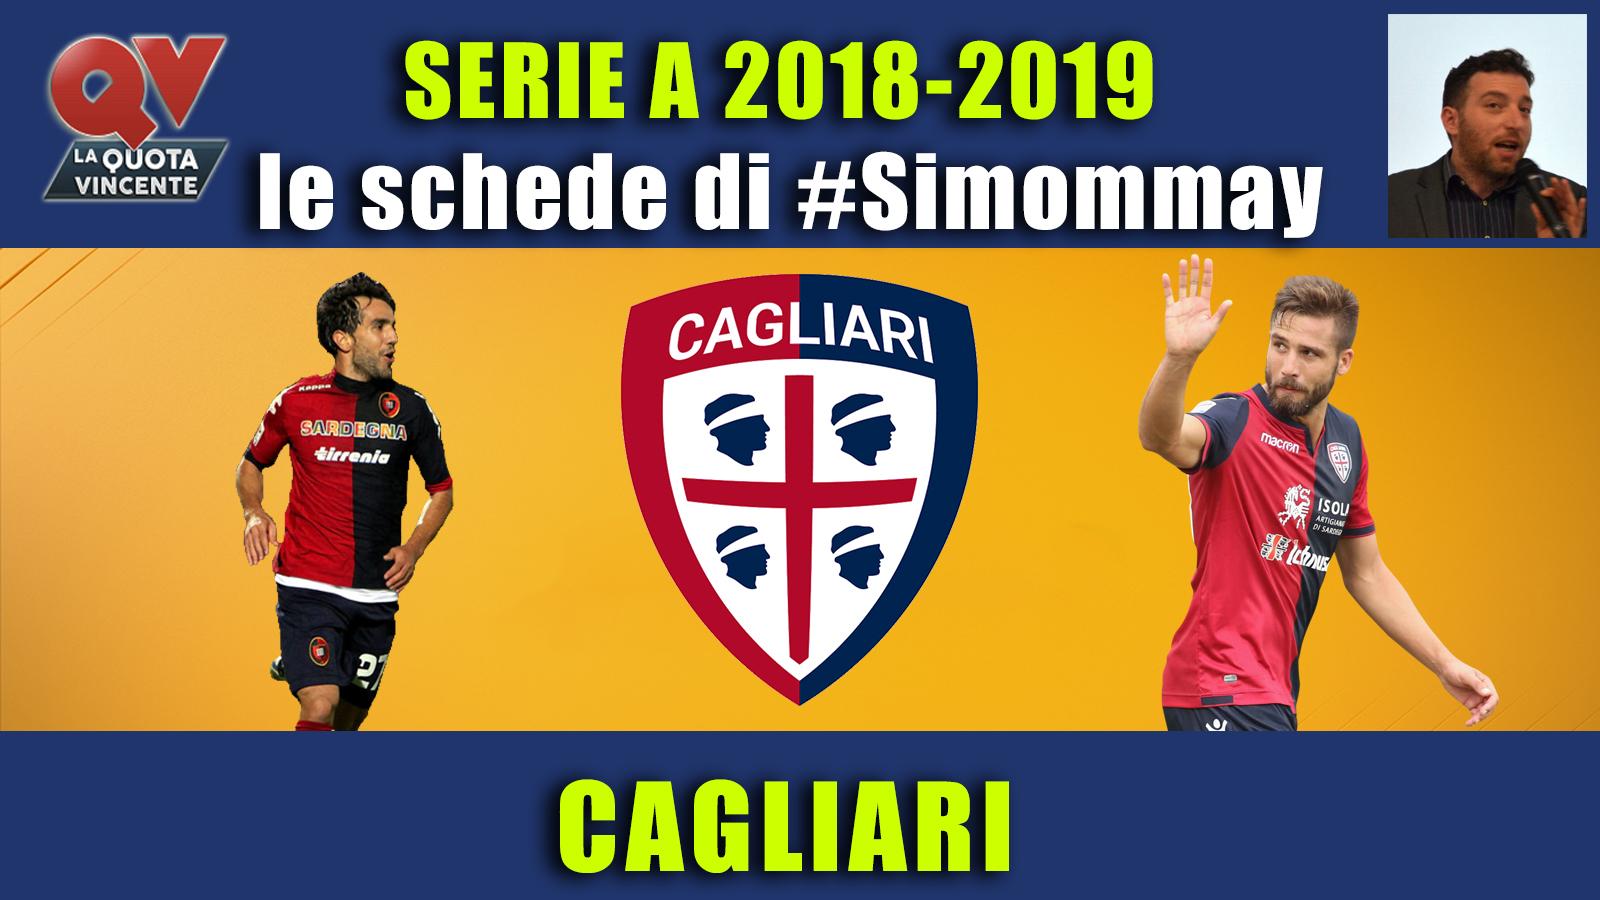 Guida Serie A 2018-2019 CAGLIARI: l'esperienza di Maran per i Sardi